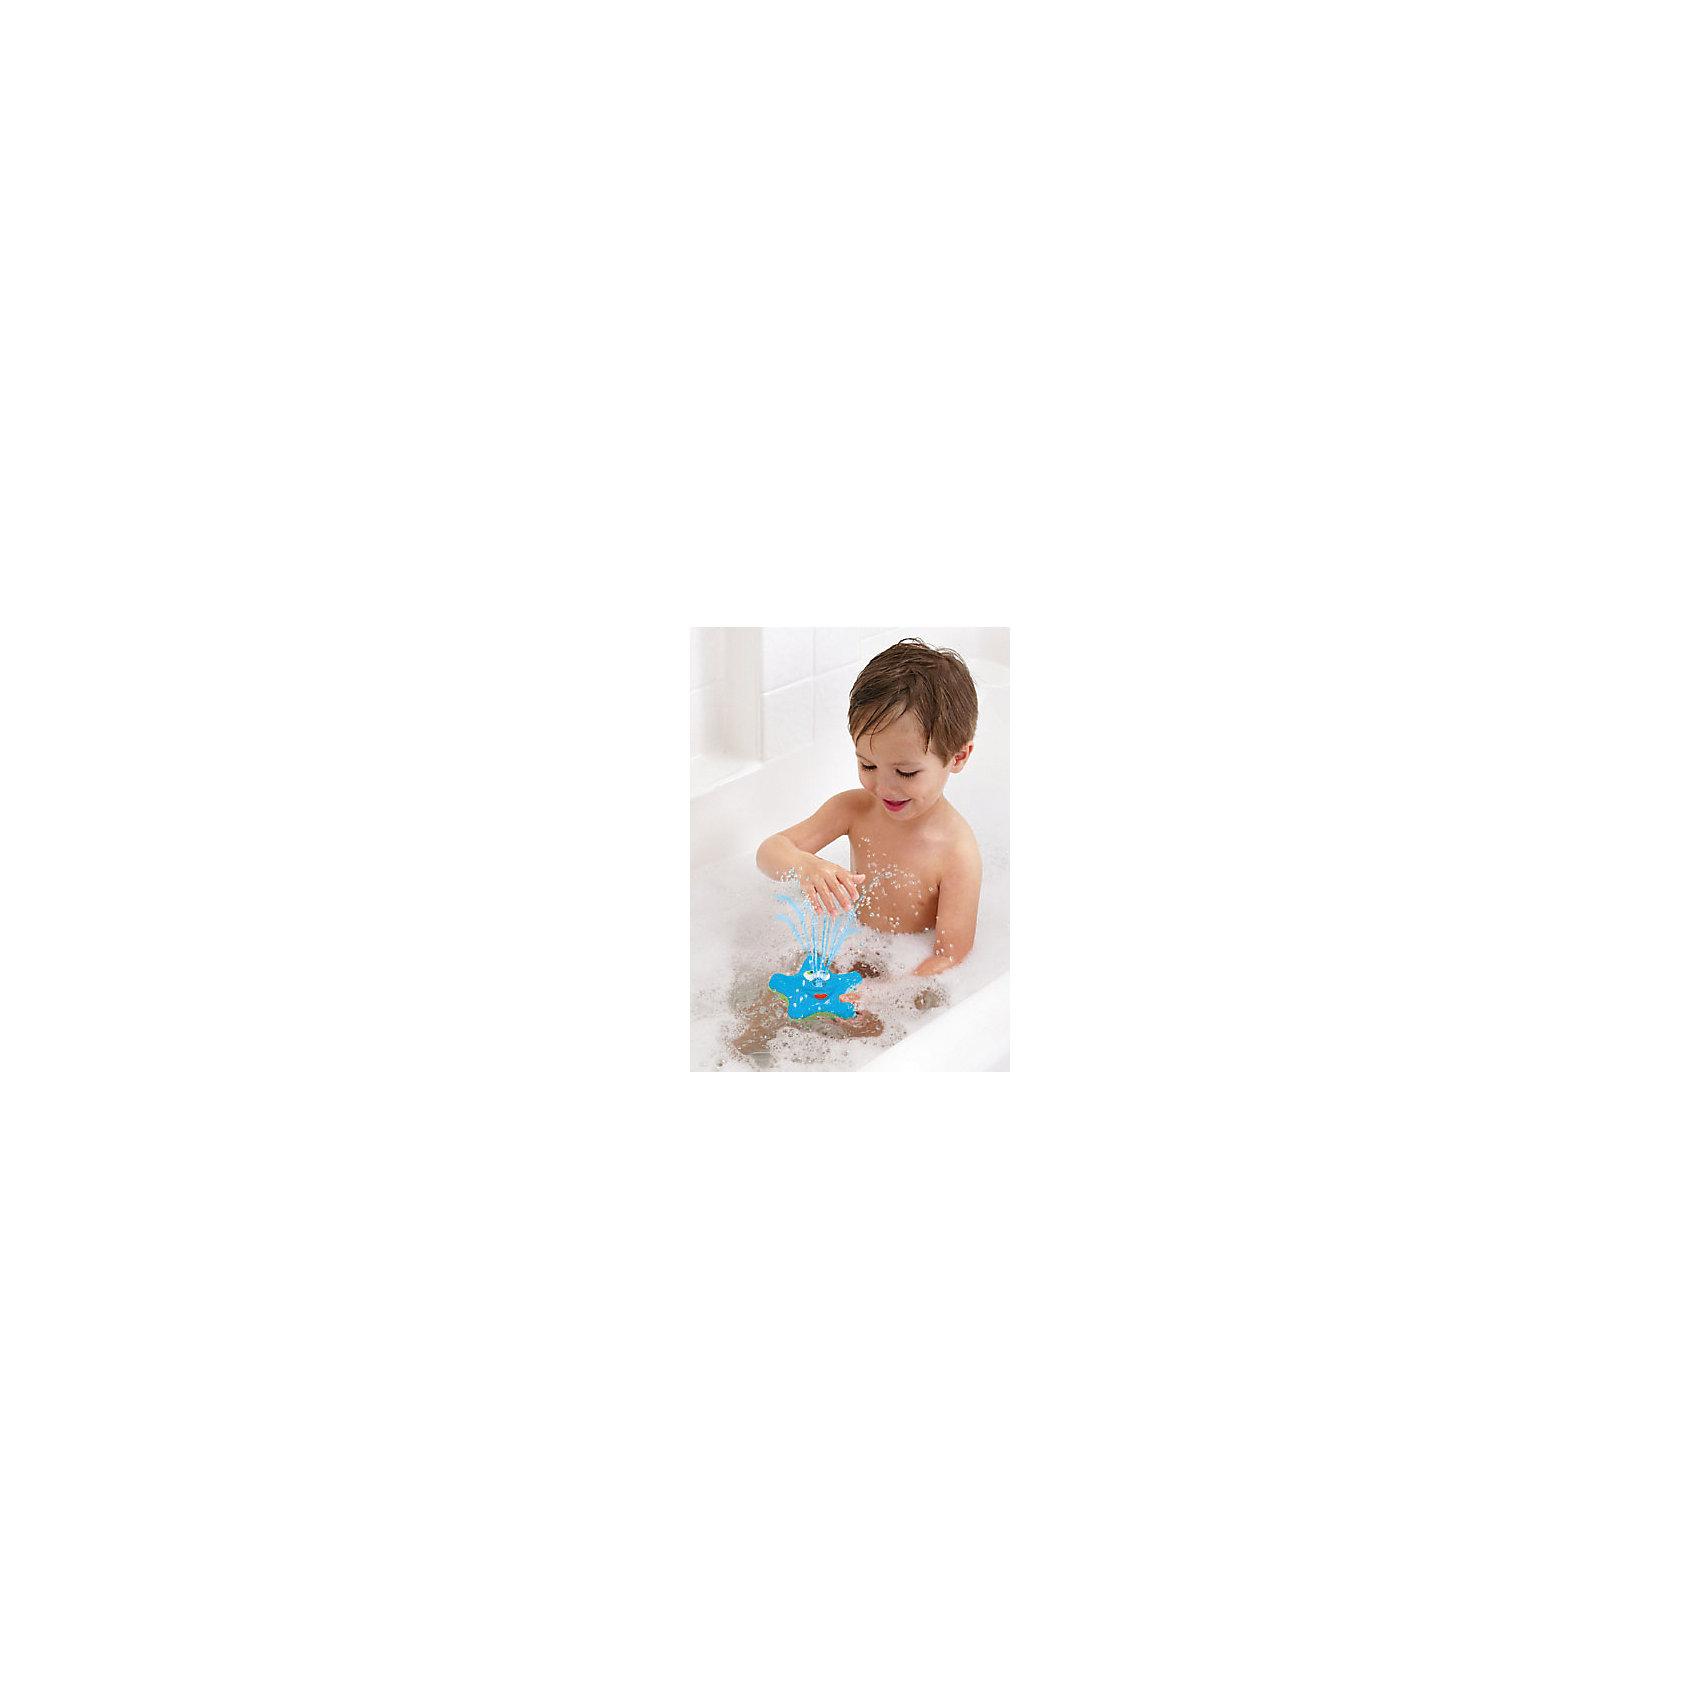 Игрушка для ванной Звёздочка, MunchkinИгрушки для купания<br>Игрушка для ванной Звёздочка, Munchkin (Манчкин) – эта игрушка доставит малышу немало веселых минут во время купания!<br>Очаровательная игрушка для ванной Звёздочка с улыбающимся личиком не оставит ребенка равнодушным. Она плавает на поверхности воды и вращается, а носик игрушки светится и весело брызгается водой. Если игрушку перевернуть носиком в воду, она озарит ярким голубым светом всю ванну. Игрушка выполнена из прочного безопасного пластика ярких цветов.<br><br>Дополнительная информация:<br><br>- В комплекте: 1 игрушка<br>- Цвет в ассортименте<br>- Материал: пластик<br>- Размер: 12,8 x 12,8 x 4,9 см.<br>- Батарейки: 3хААА (не входят в комплект)<br>- ВНИМАНИЕ! Данный товар представлен в ассортименте. К сожалению, предварительный выбор невозможен. При заказе нескольких единиц данного товара, возможно получение одинаковых<br><br>Игрушку для ванной Звёздочка, Munchkin (Манчкин) можно купить в нашем интернет-магазине.<br><br>Ширина мм: 40<br>Глубина мм: 150<br>Высота мм: 180<br>Вес г: 150<br>Возраст от месяцев: 12<br>Возраст до месяцев: 36<br>Пол: Унисекс<br>Возраст: Детский<br>SKU: 4142373